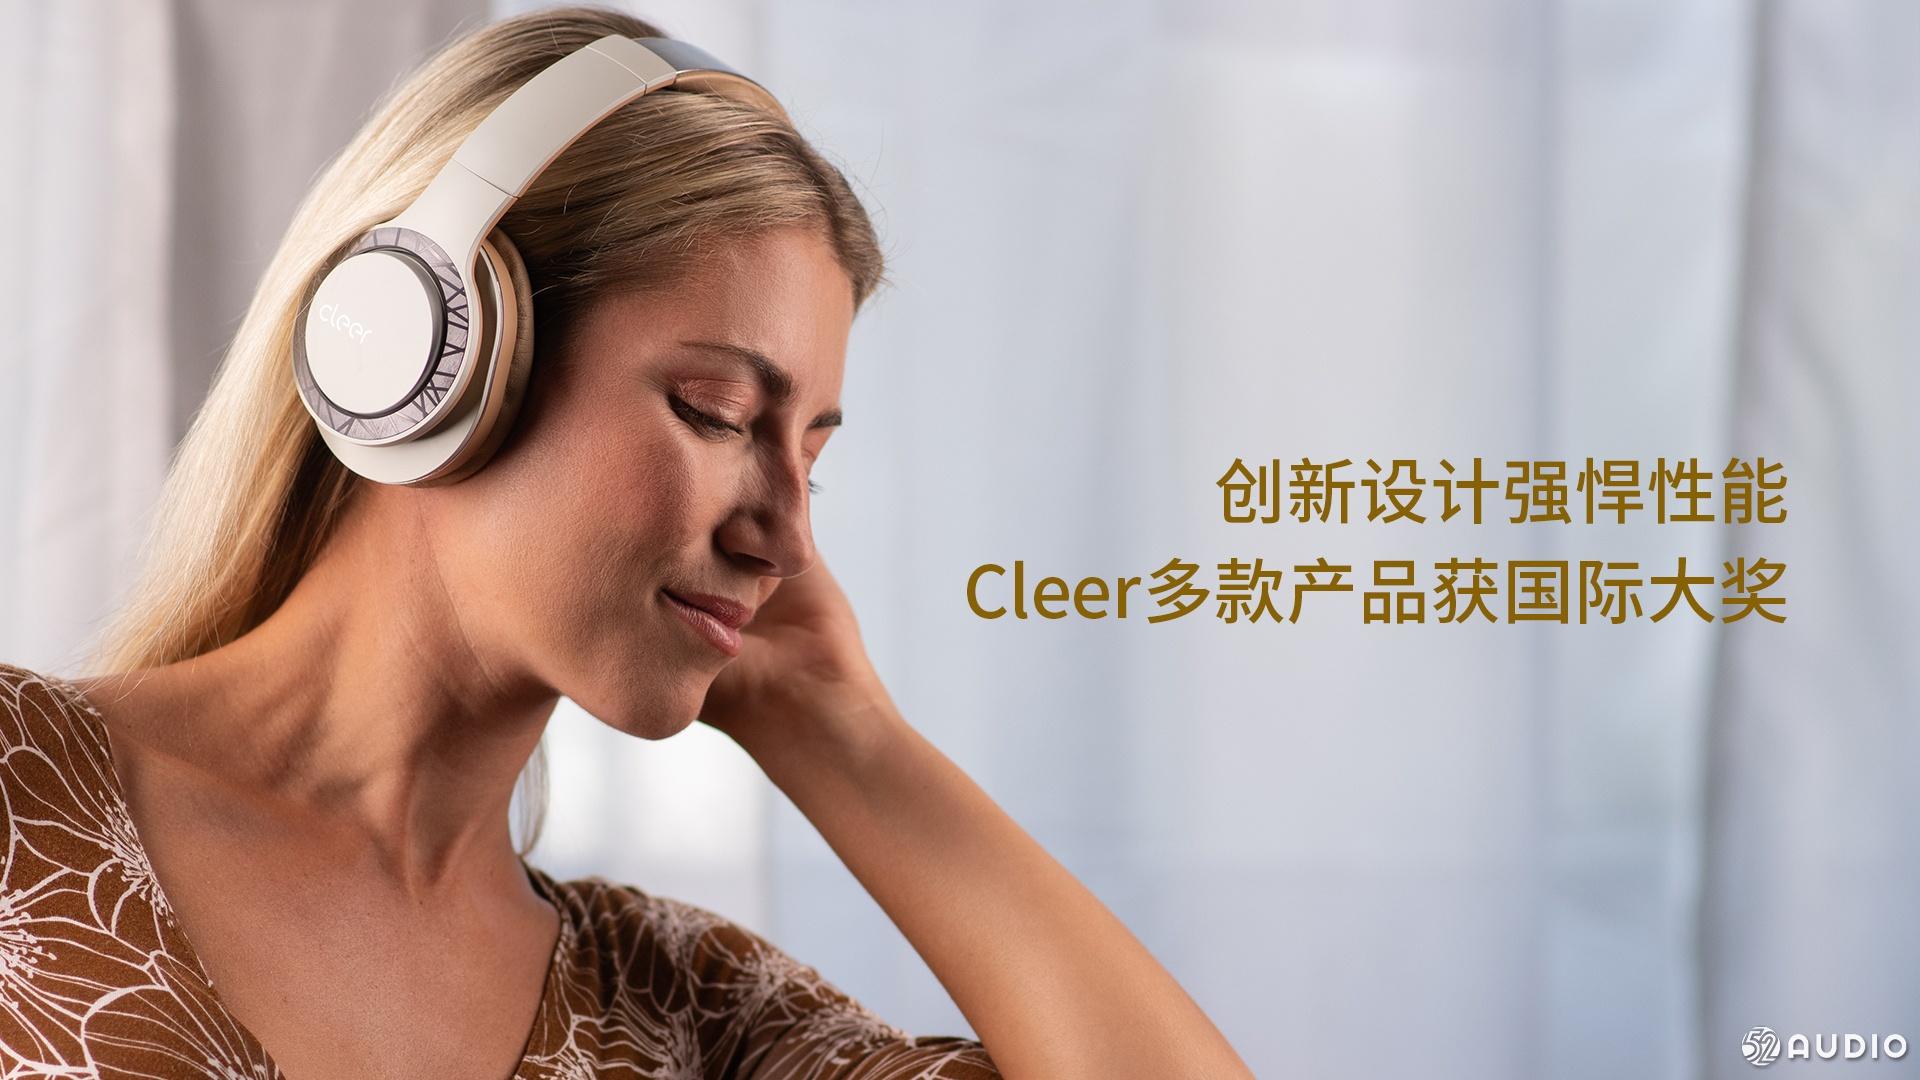 Cleer参加2019中国果粉嘉年华,展位号A10-我爱音频网